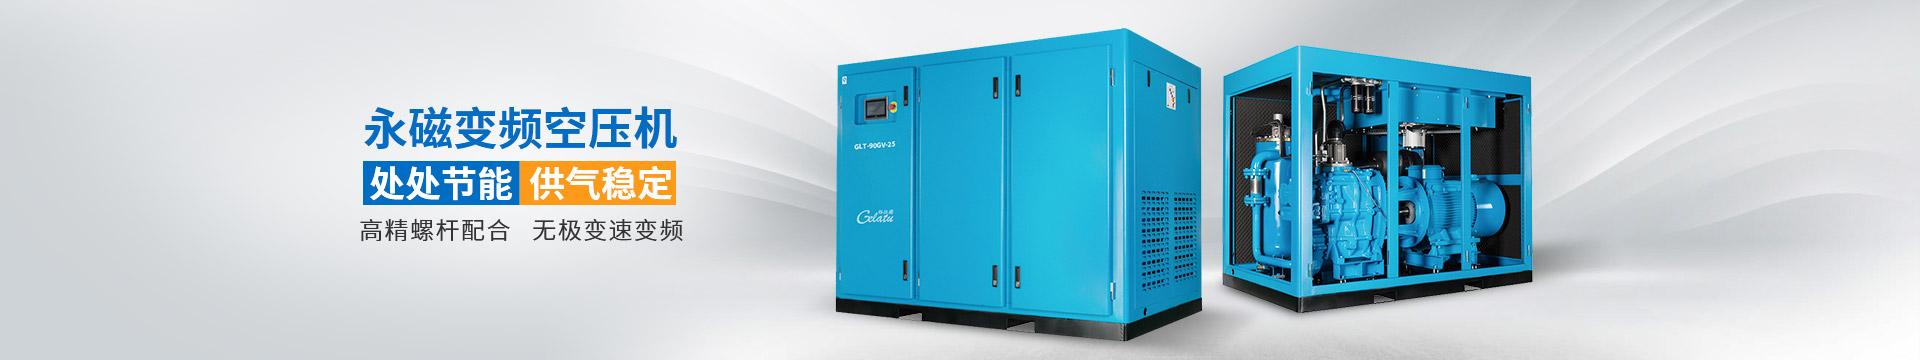 格拉图永磁变频空压机供气稳定